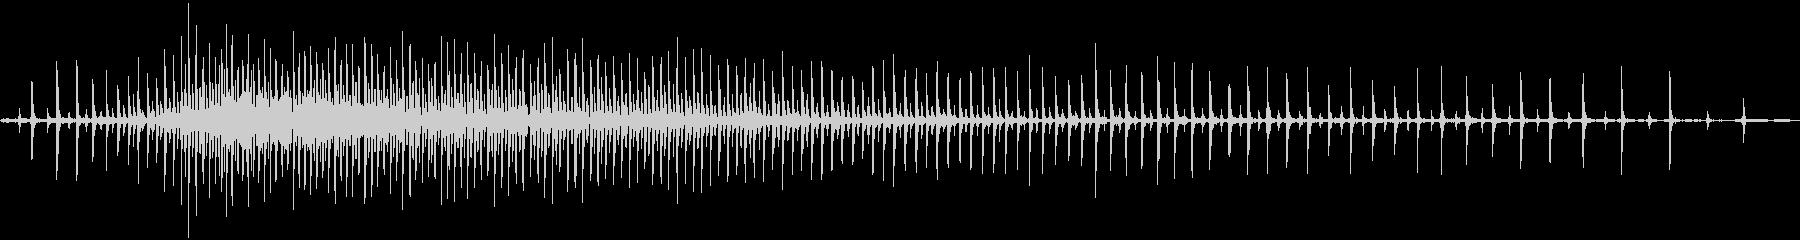 釣りリール鋳造の未再生の波形